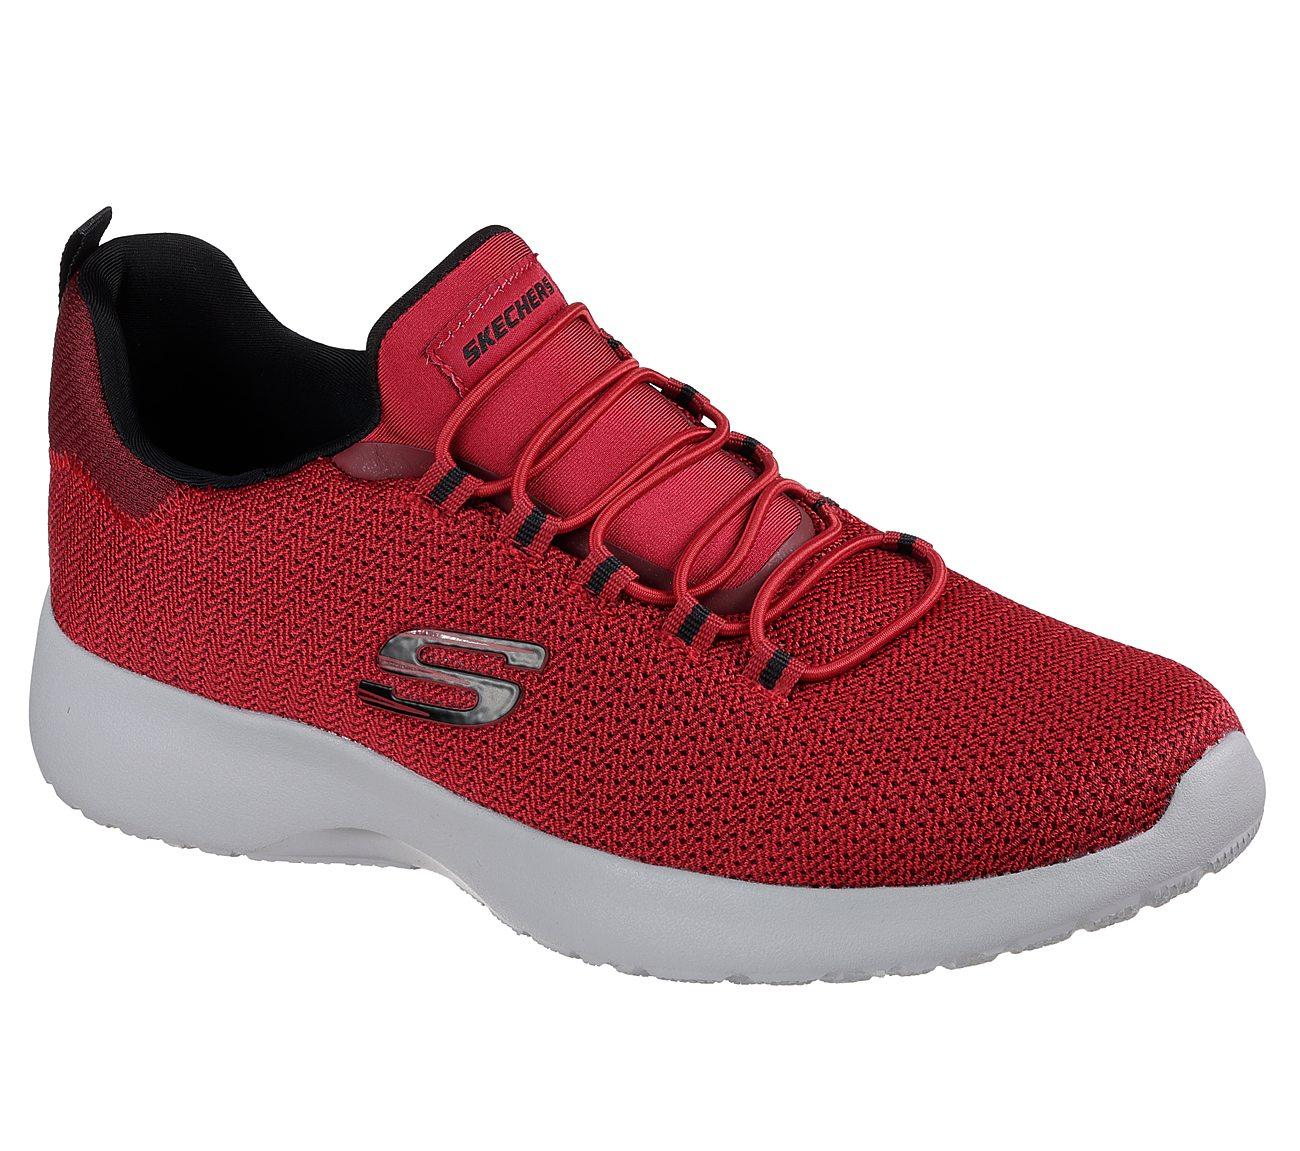 Buy SKECHERS Dynamight SKECHERS Sport Shoes